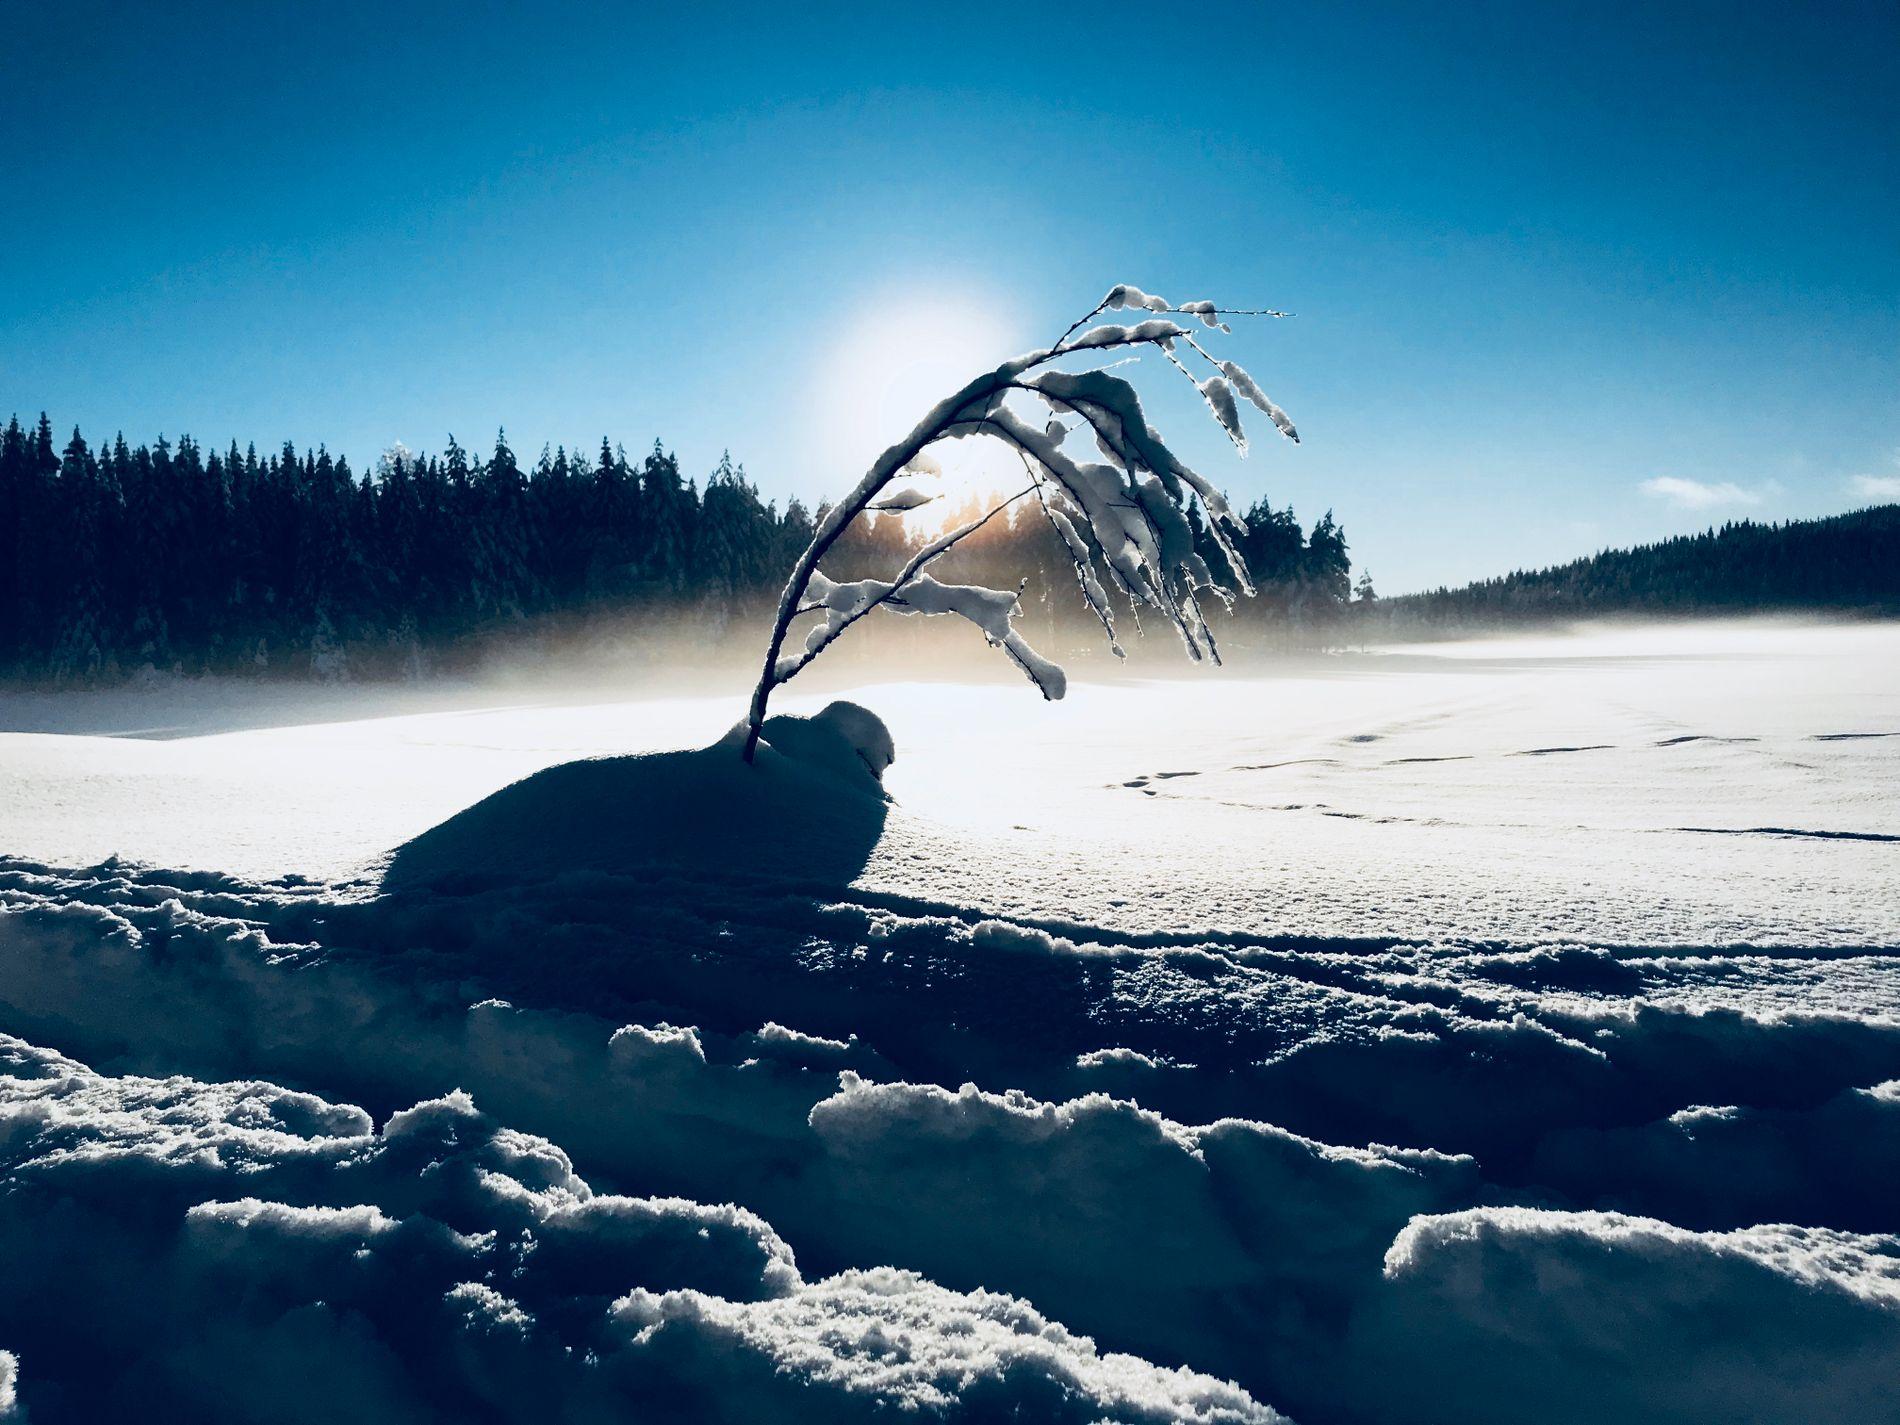 SPRENGKULDE: Værfenomenet stratospheric warming (SSW) kan gi en iskald avslutning på måneden.